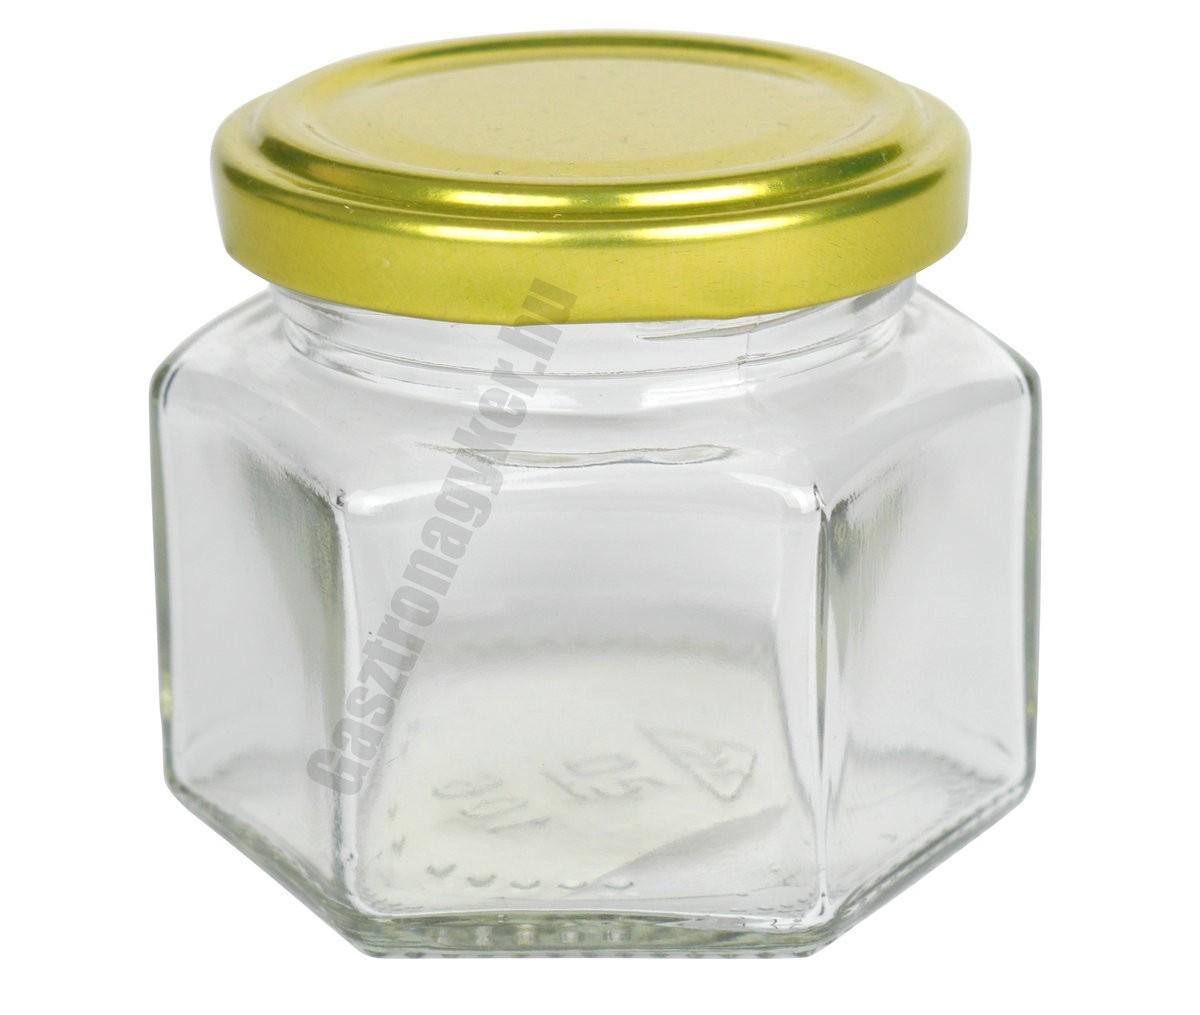 Hatszögletes díszüveg 105 ml aranyszínű tetővel